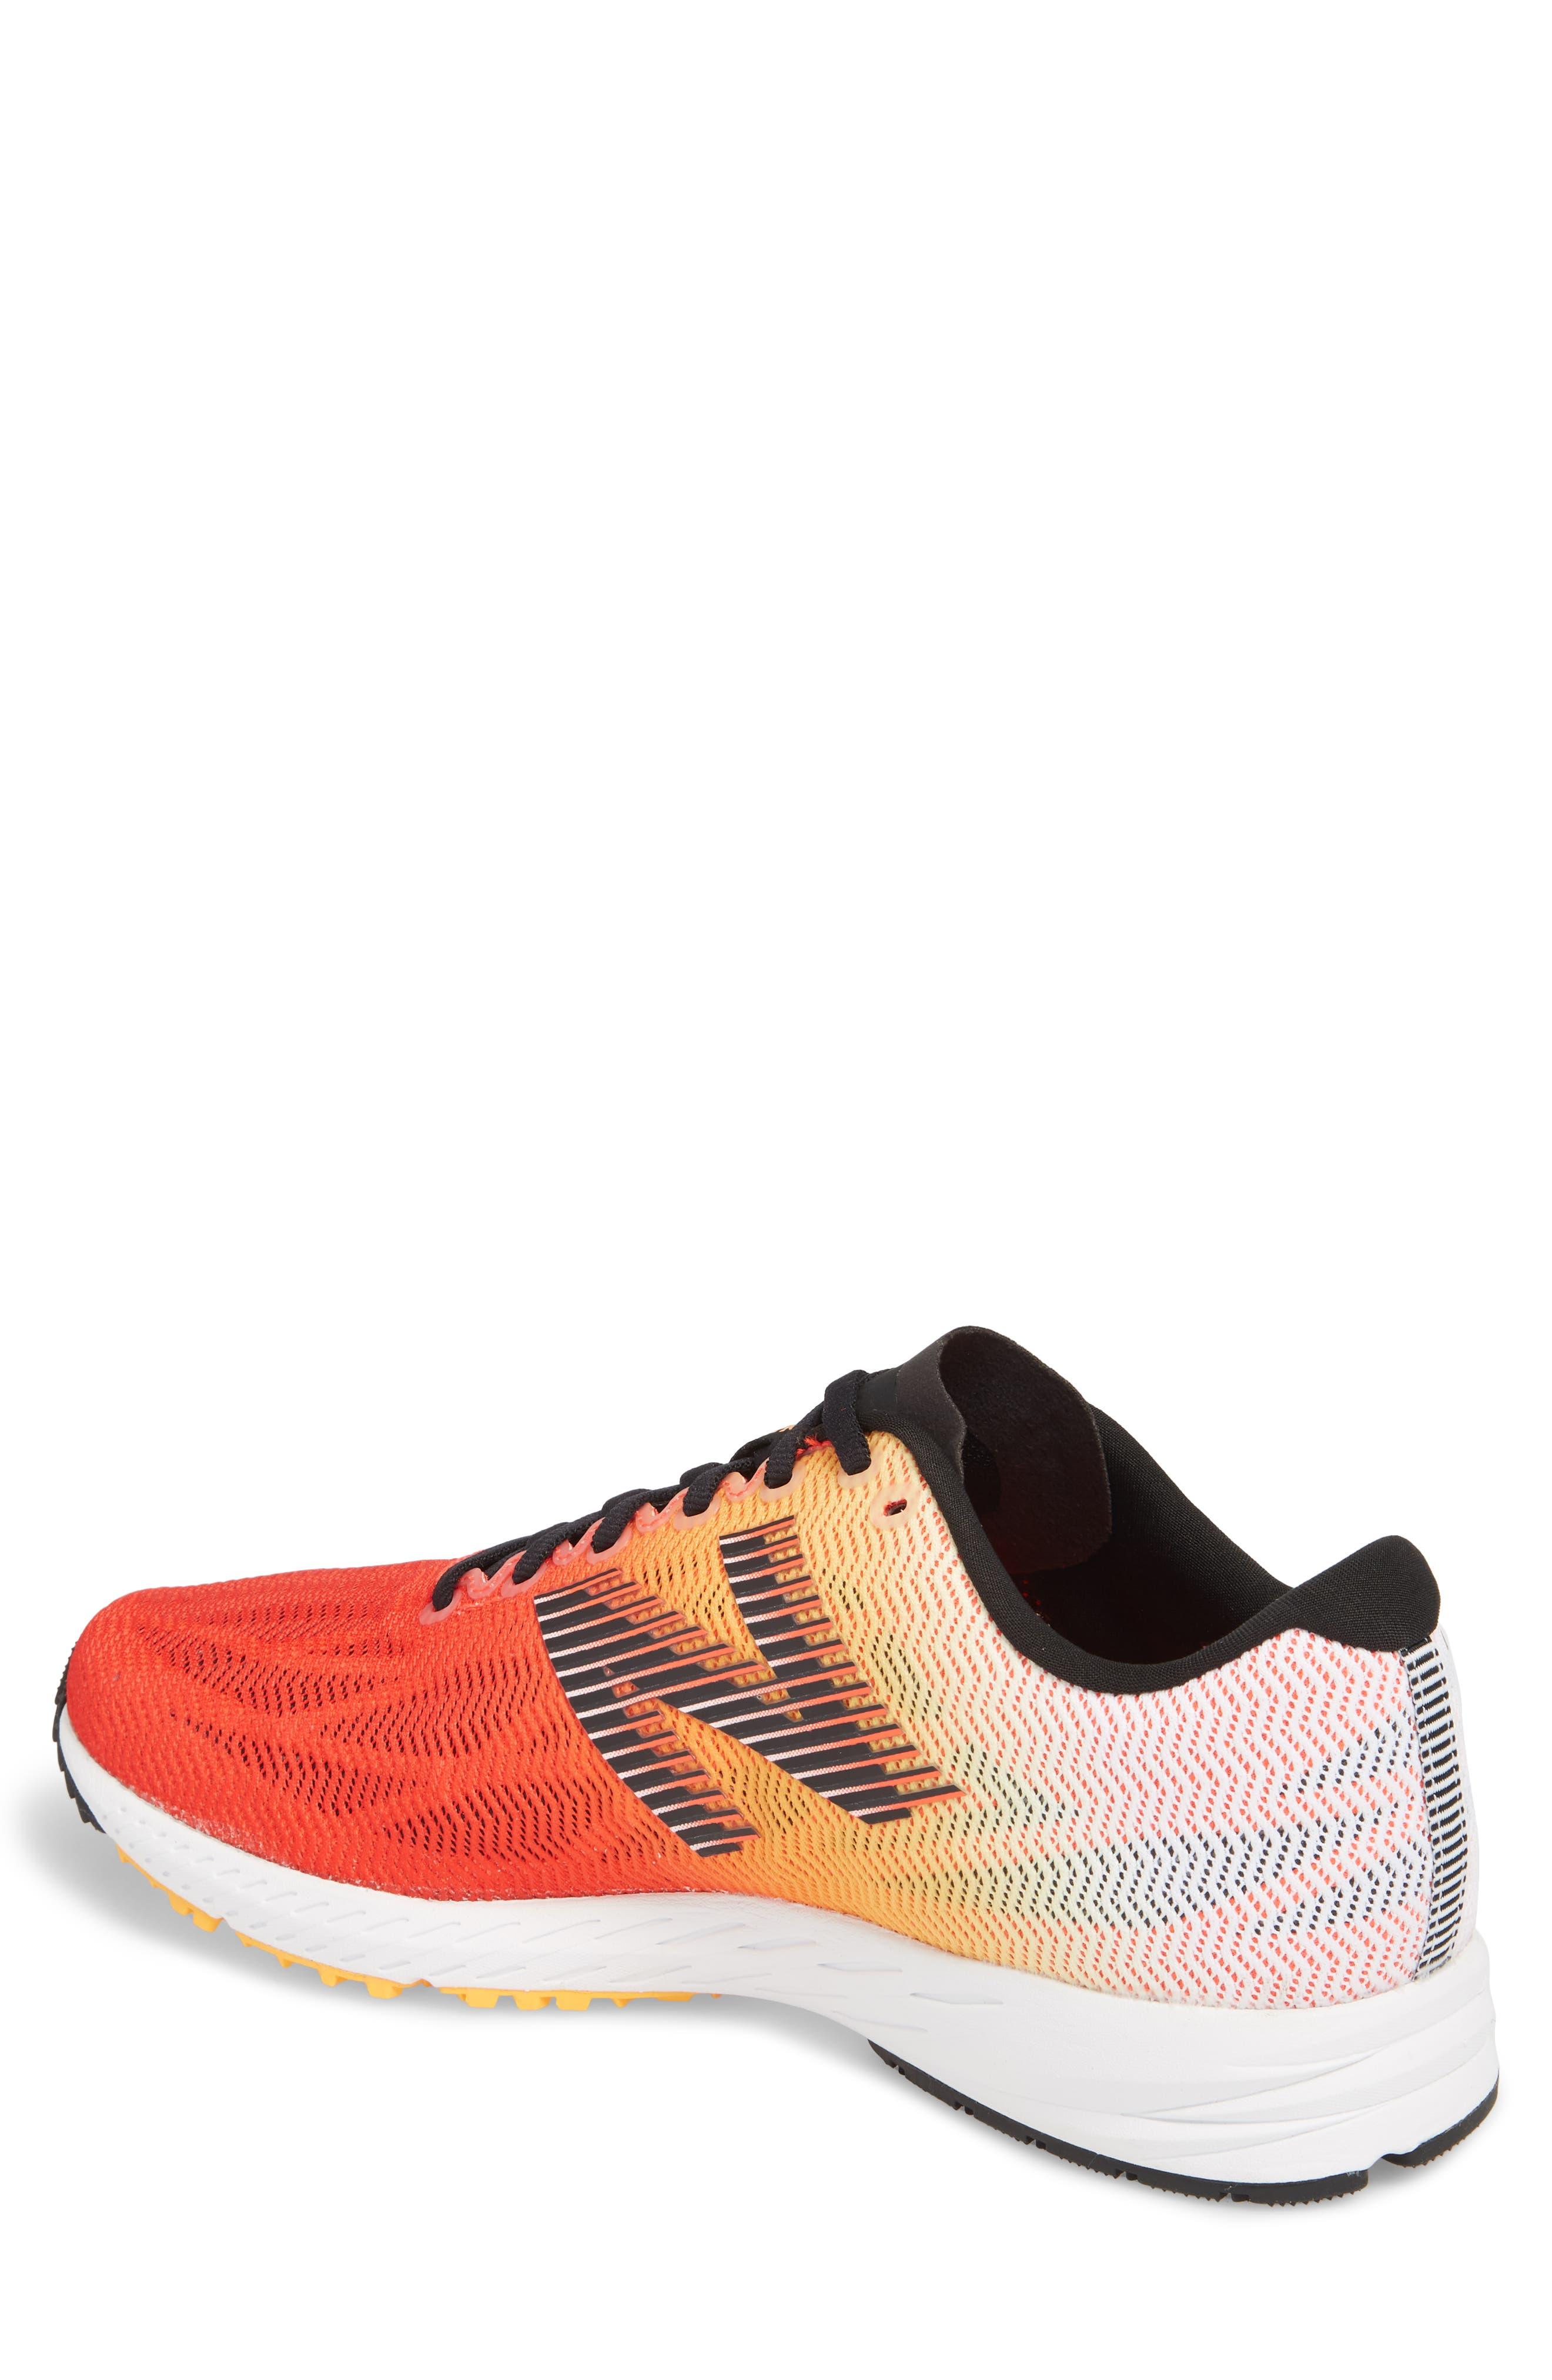 1400v6 Running Shoe,                             Alternate thumbnail 2, color,                             White Munsell